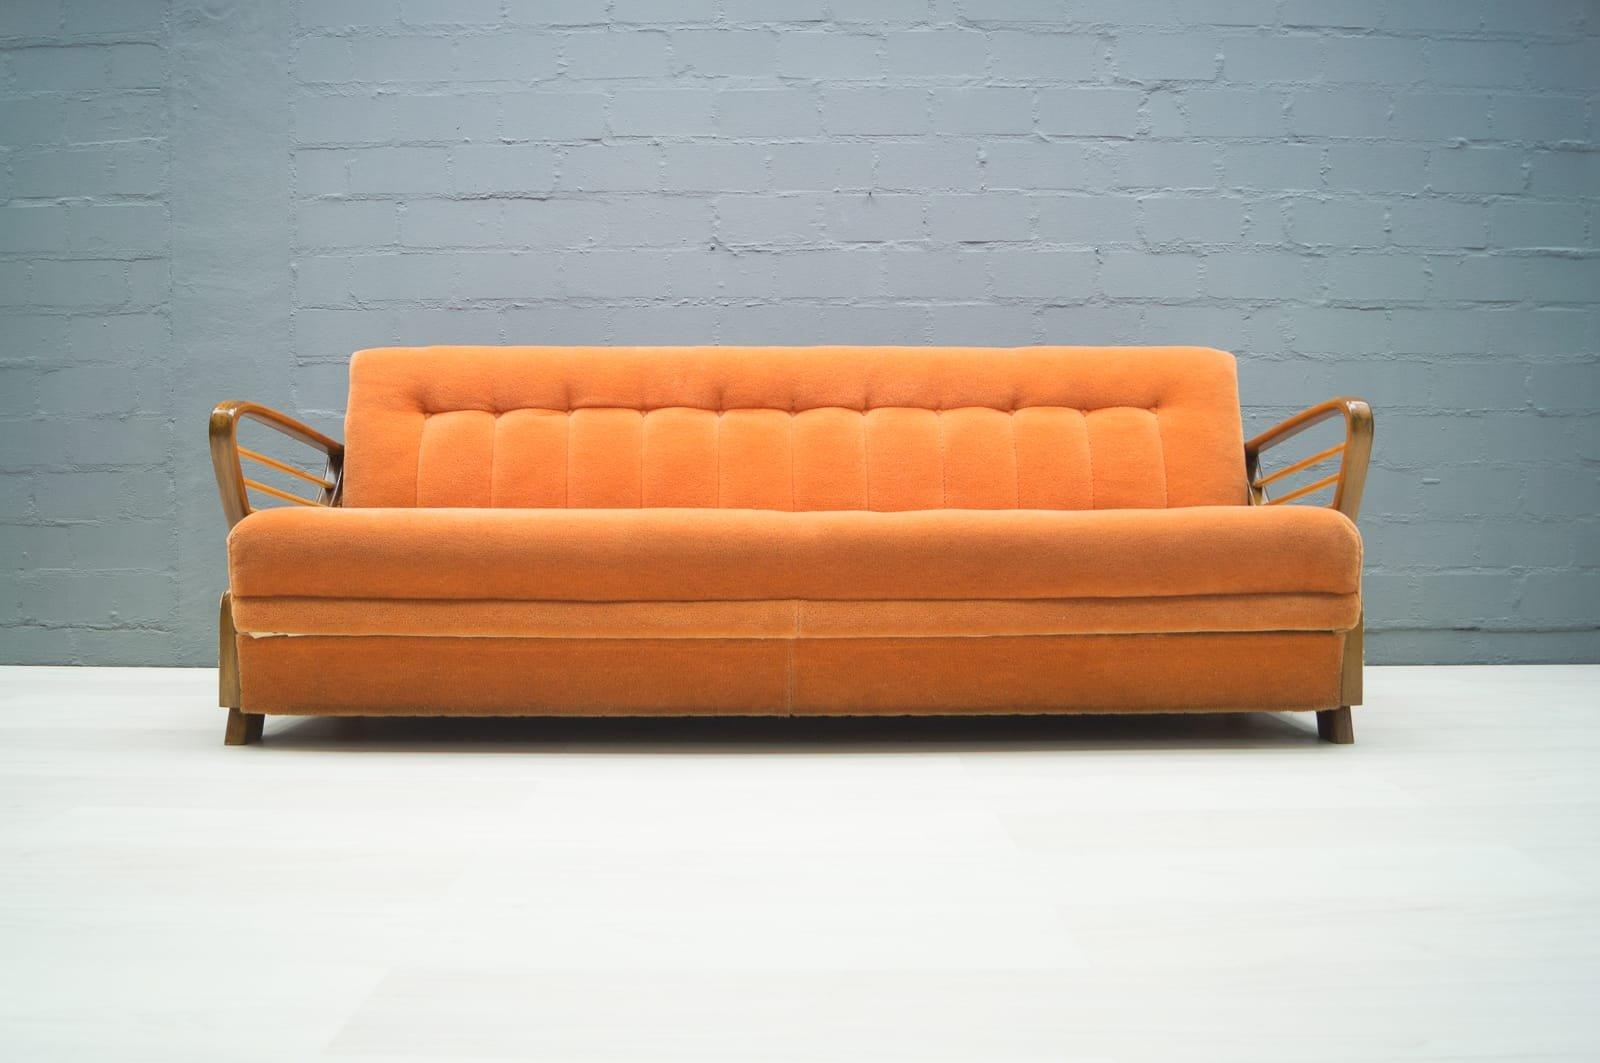 Divano letto vintage arancione anni 39 50 in vendita su pamono - Divano detrazione 50 ...